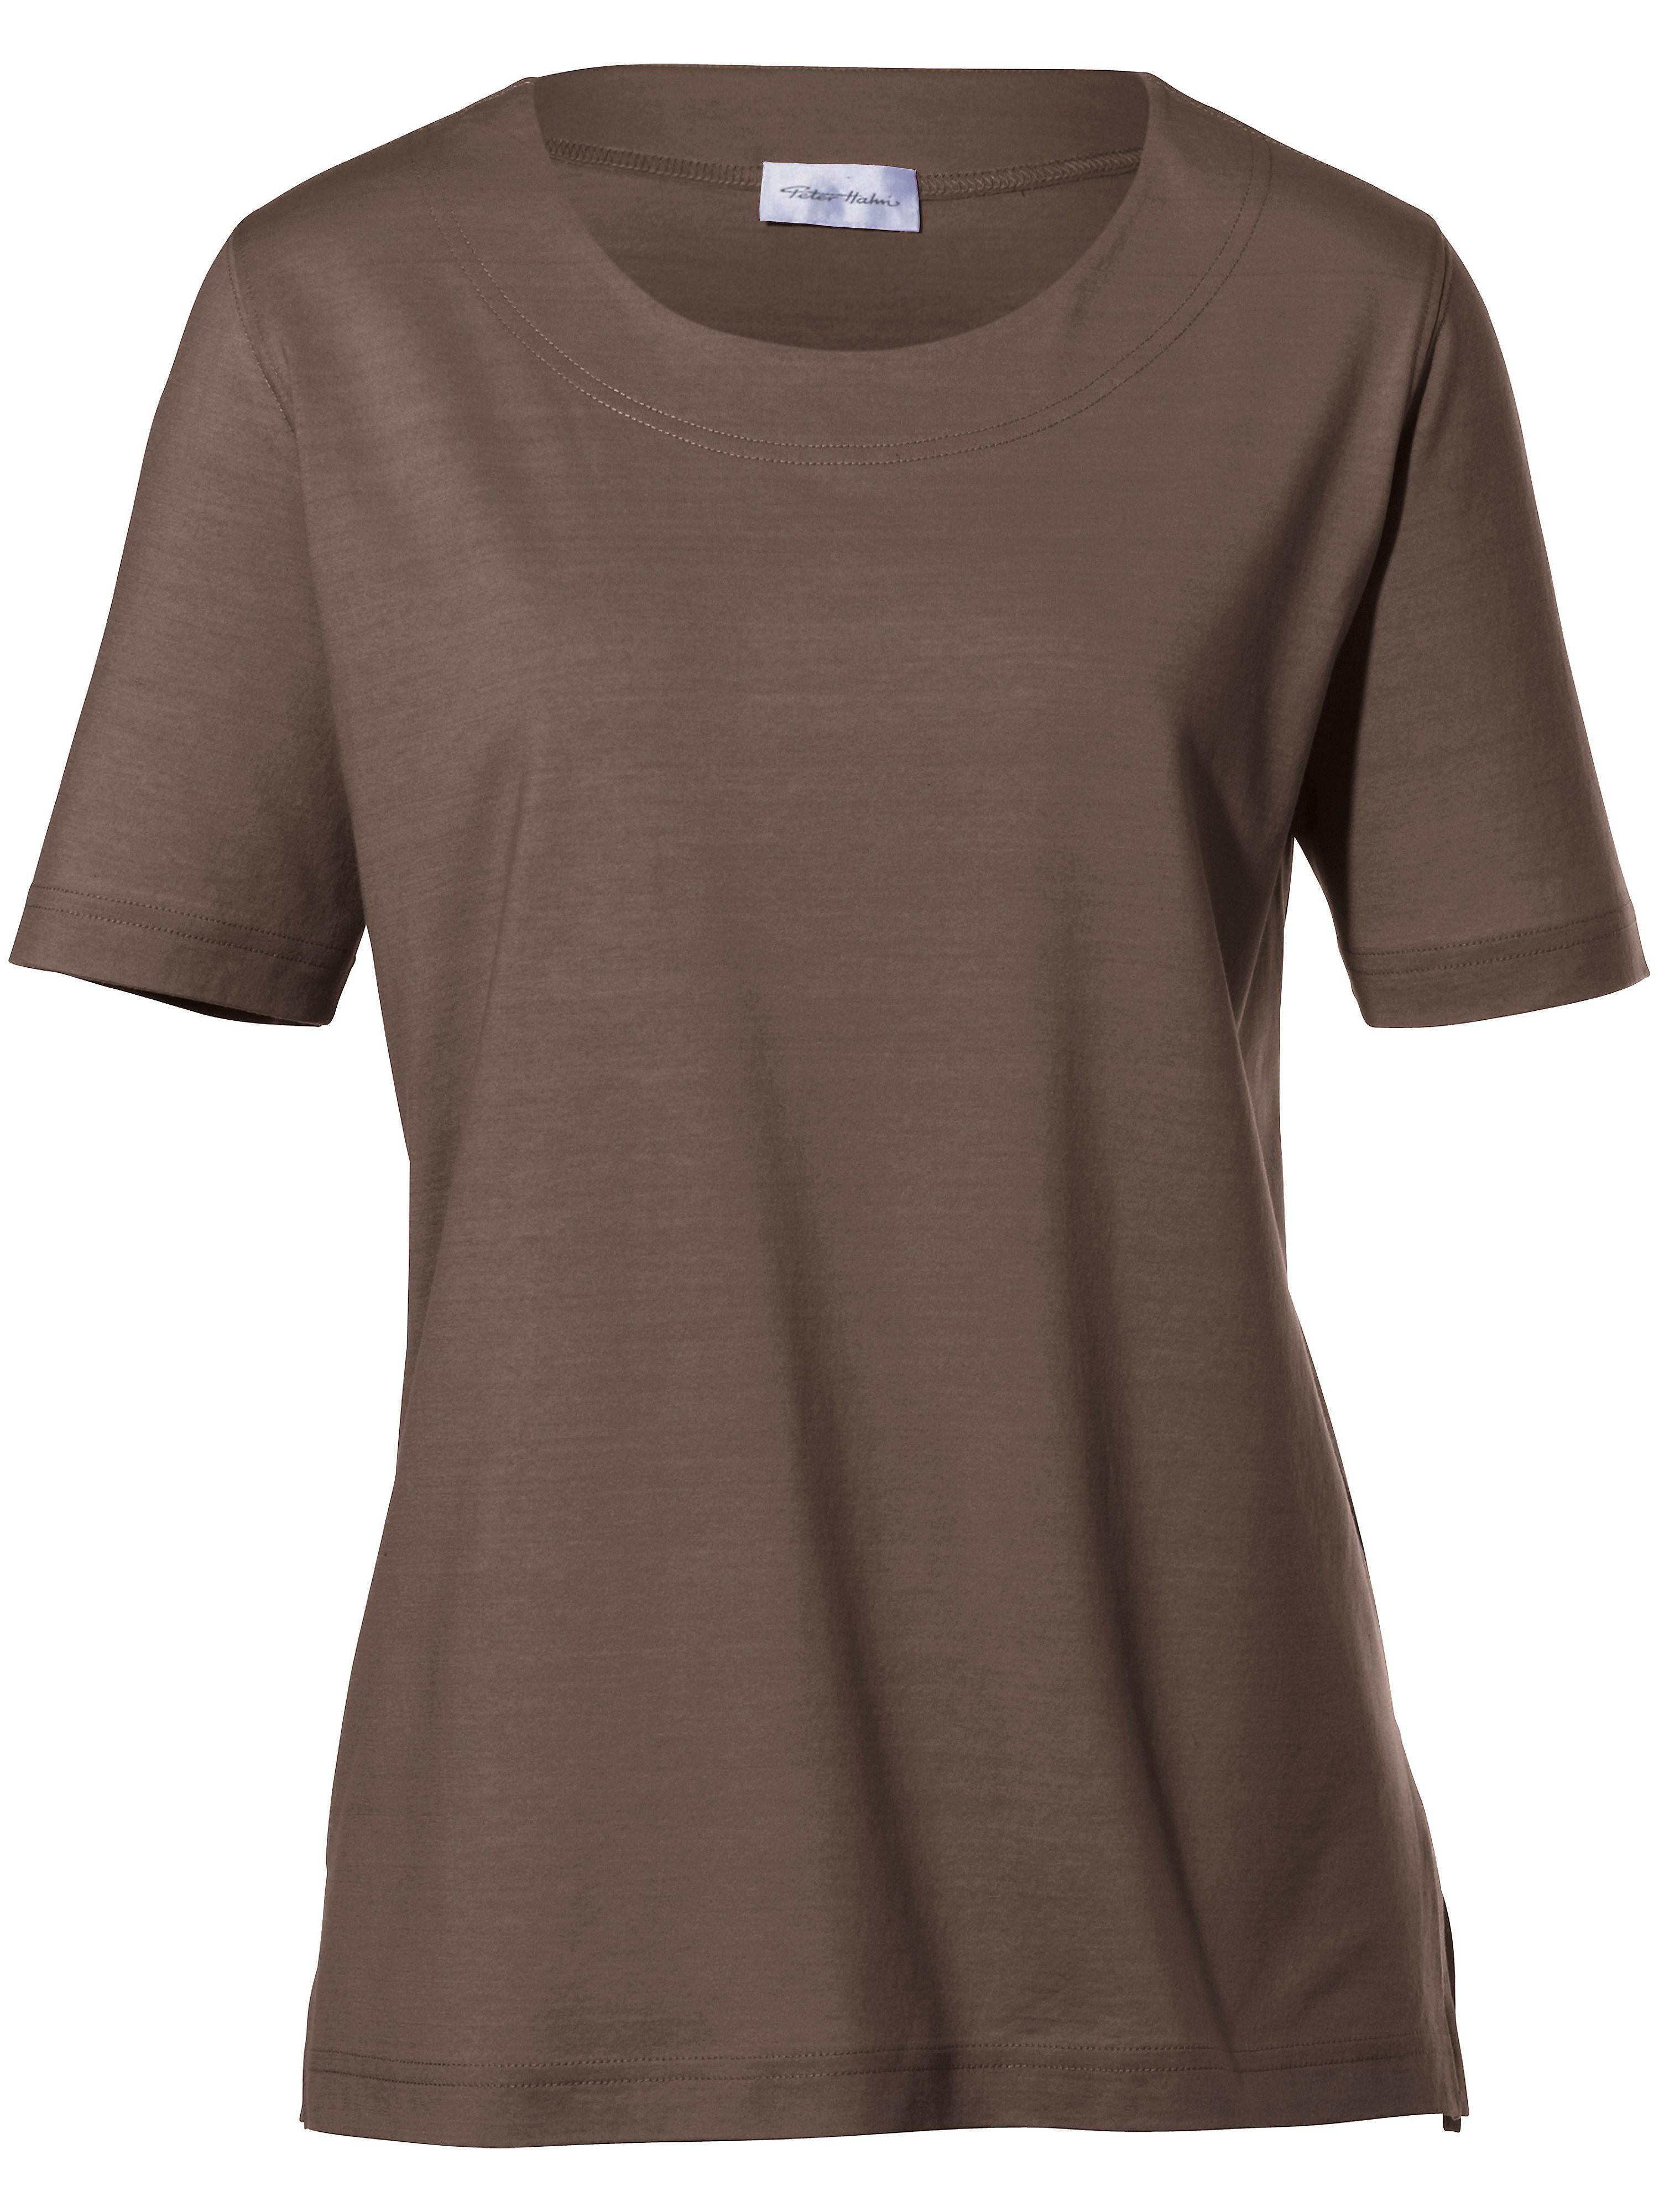 lang geschnittenes rundhals shirt peter hahn braun g nstig schnell einkaufen. Black Bedroom Furniture Sets. Home Design Ideas